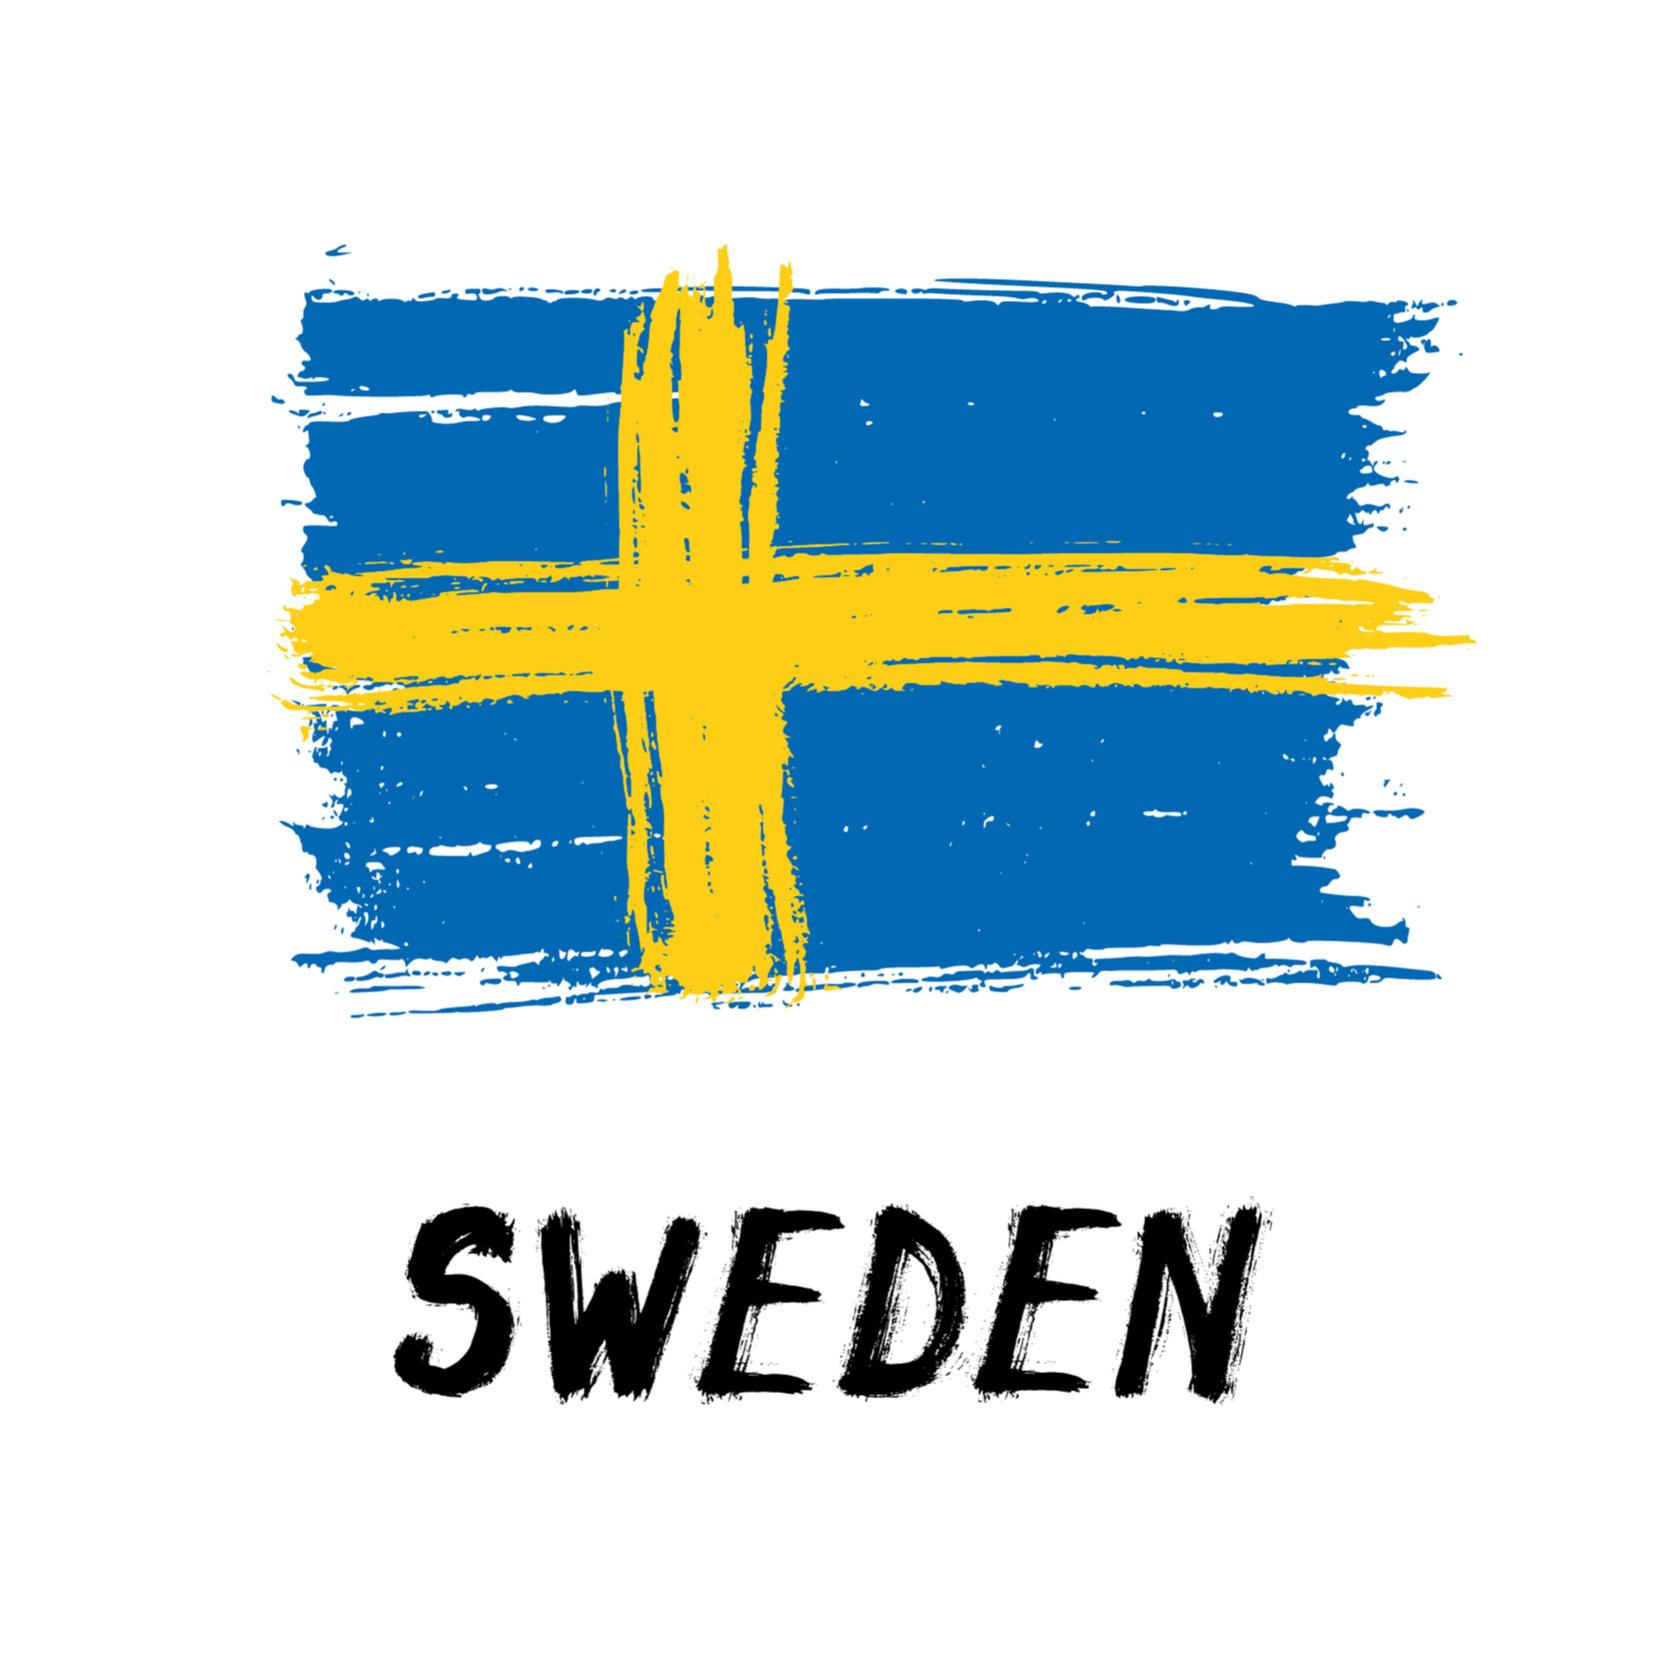 Flag of Sweden, grunge style